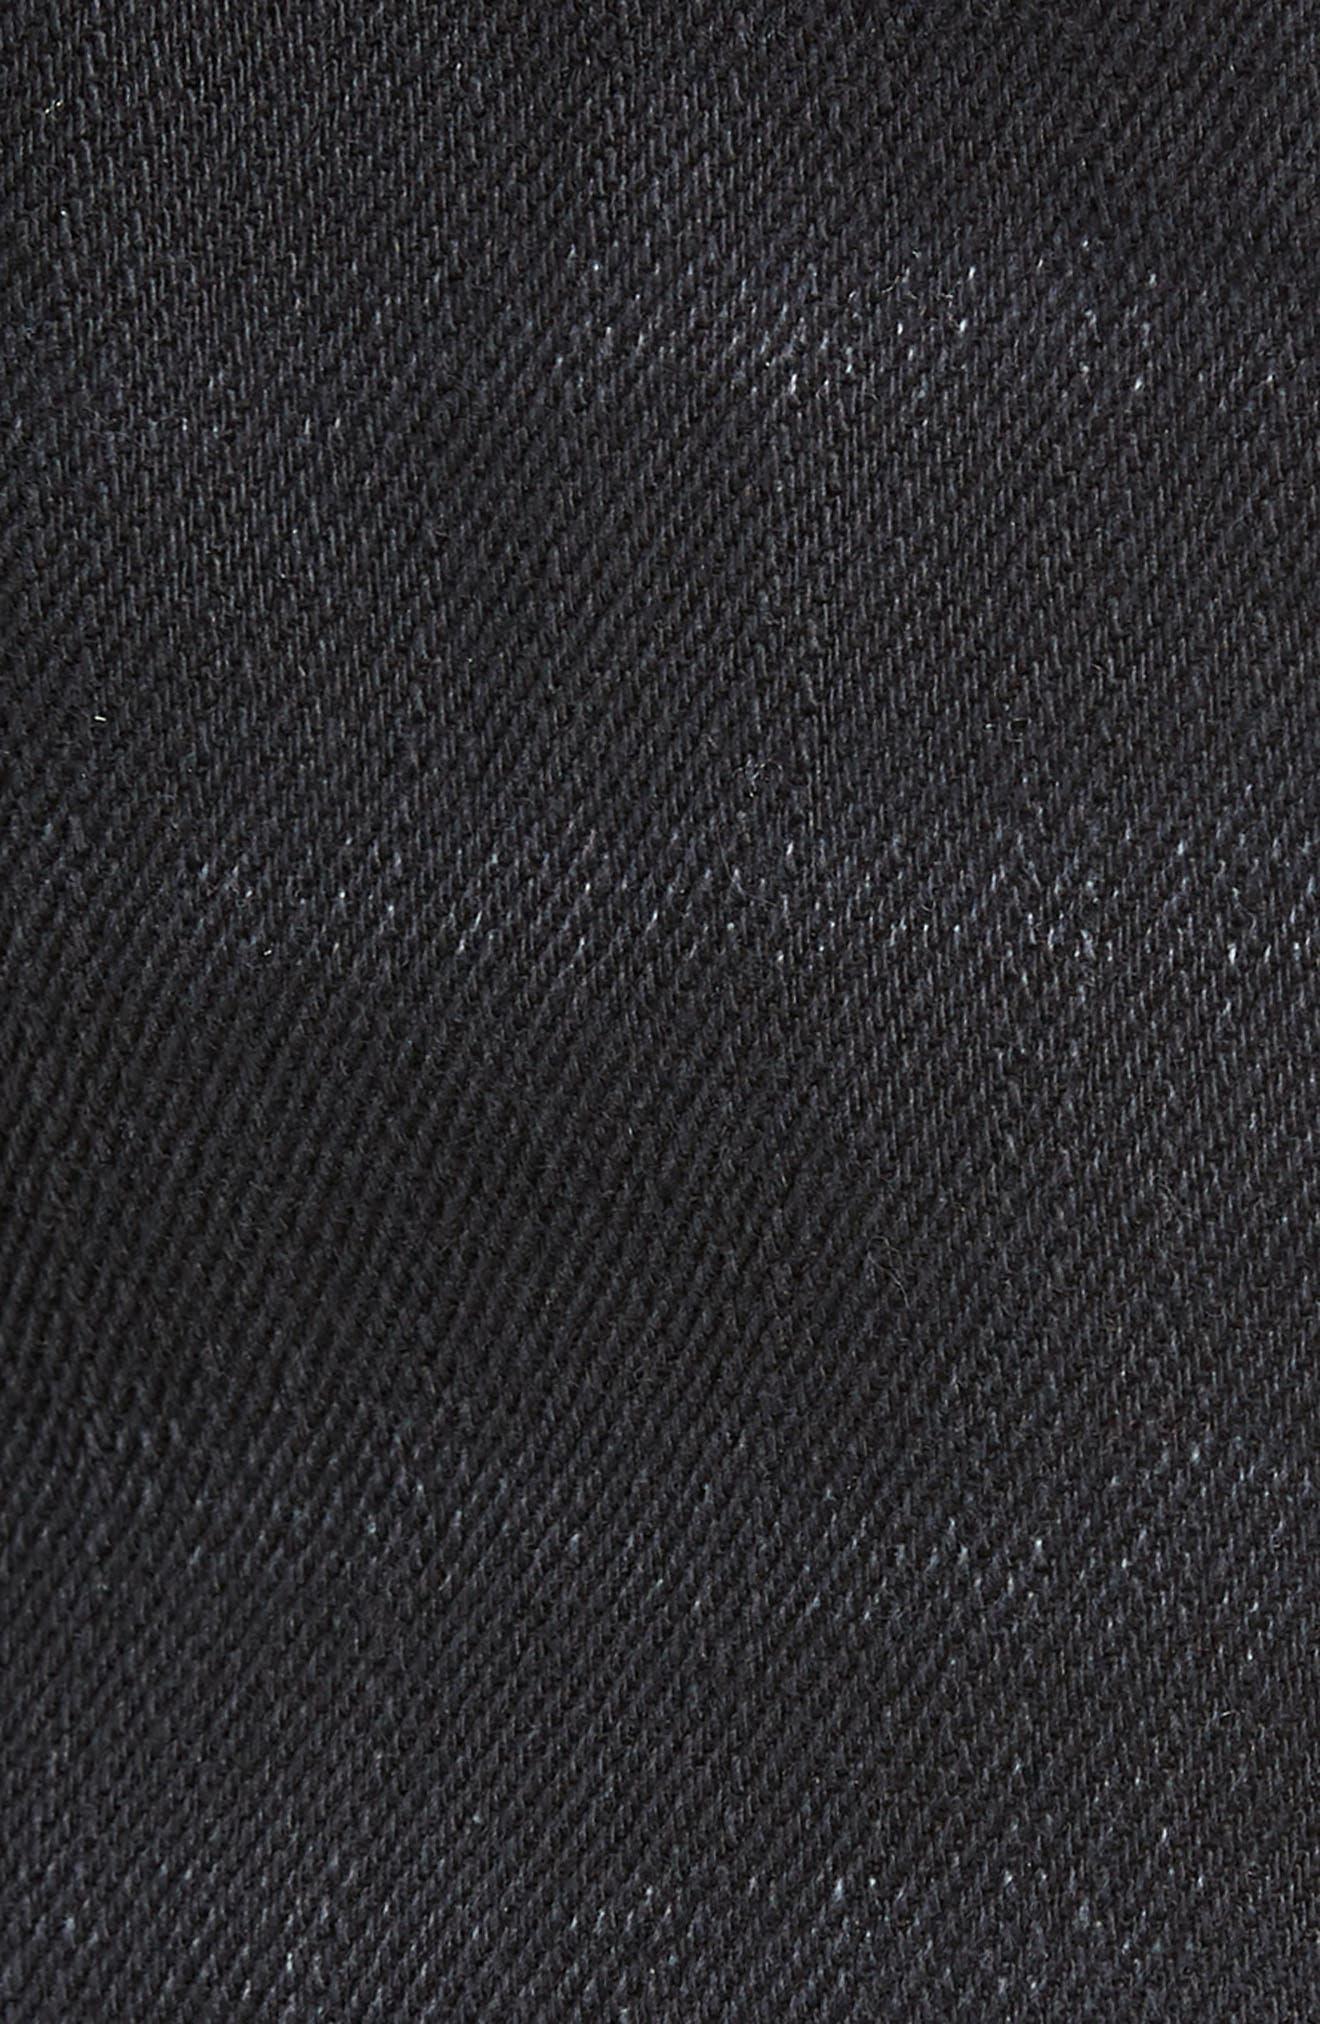 Fray Hem Denim Shorts,                             Alternate thumbnail 6, color,